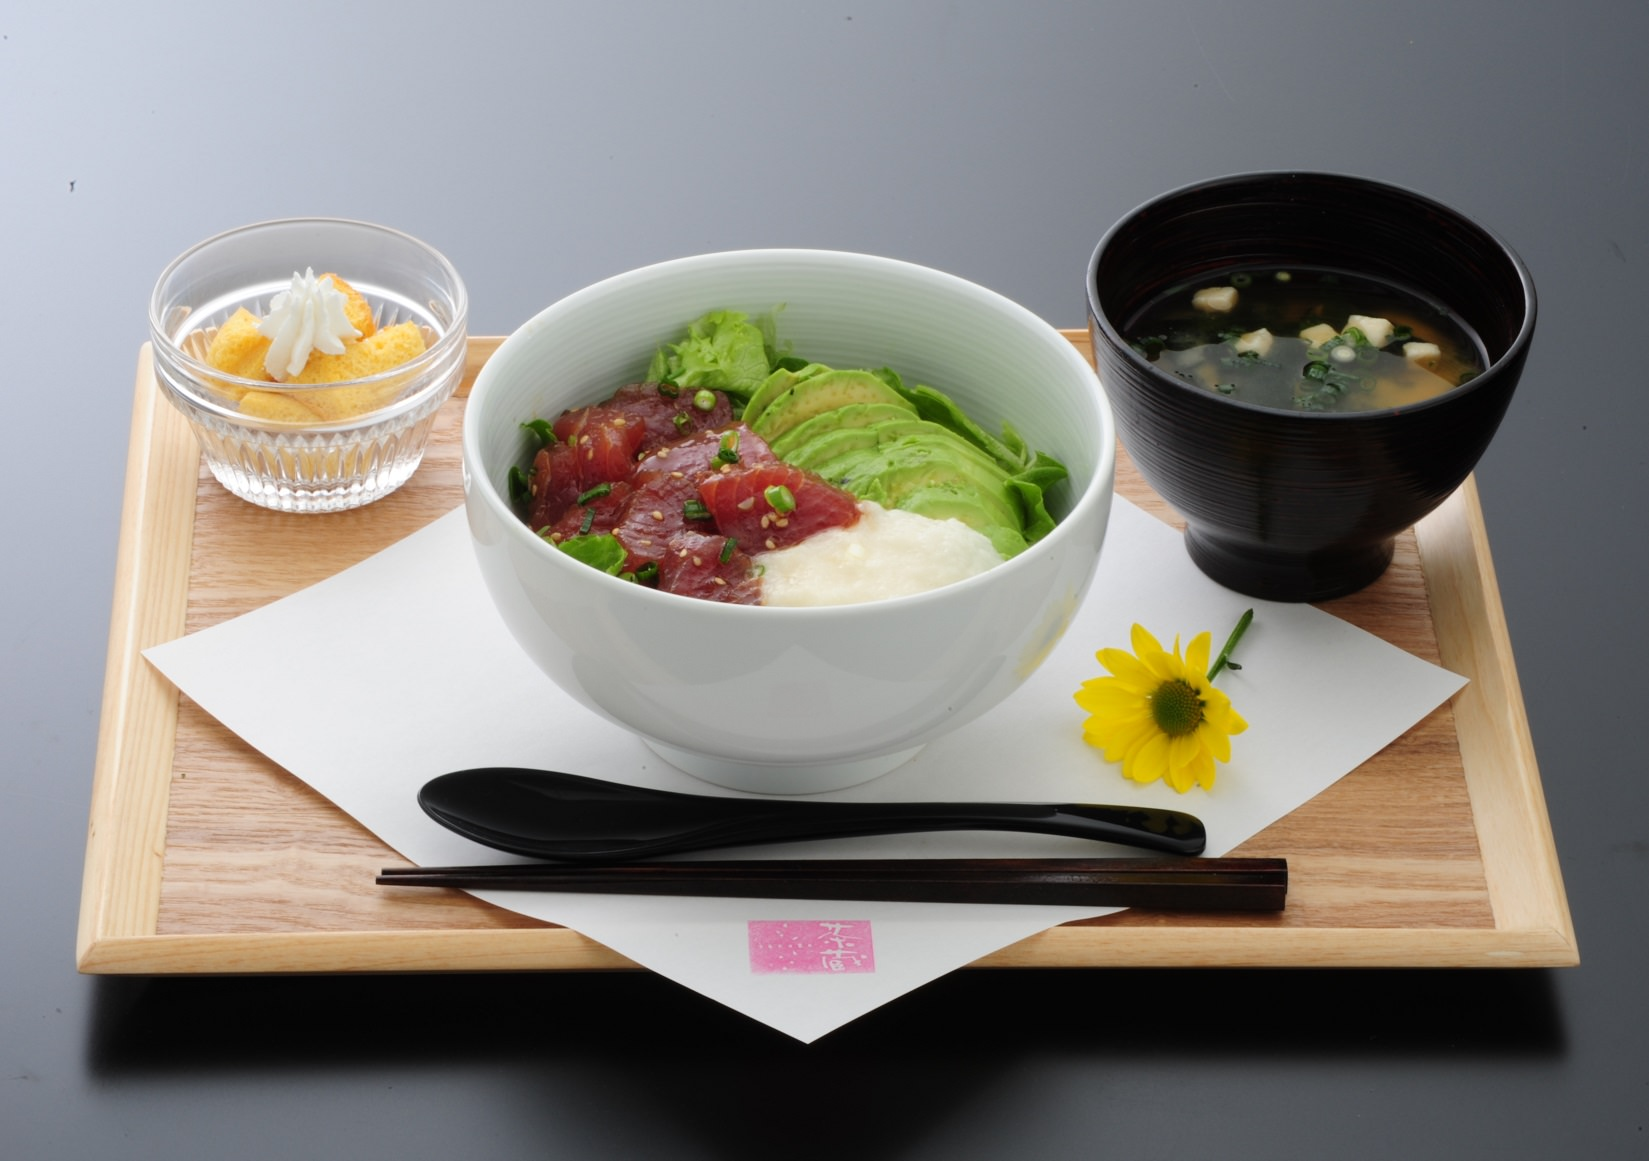 茶蔵_マグロとアボカド丼